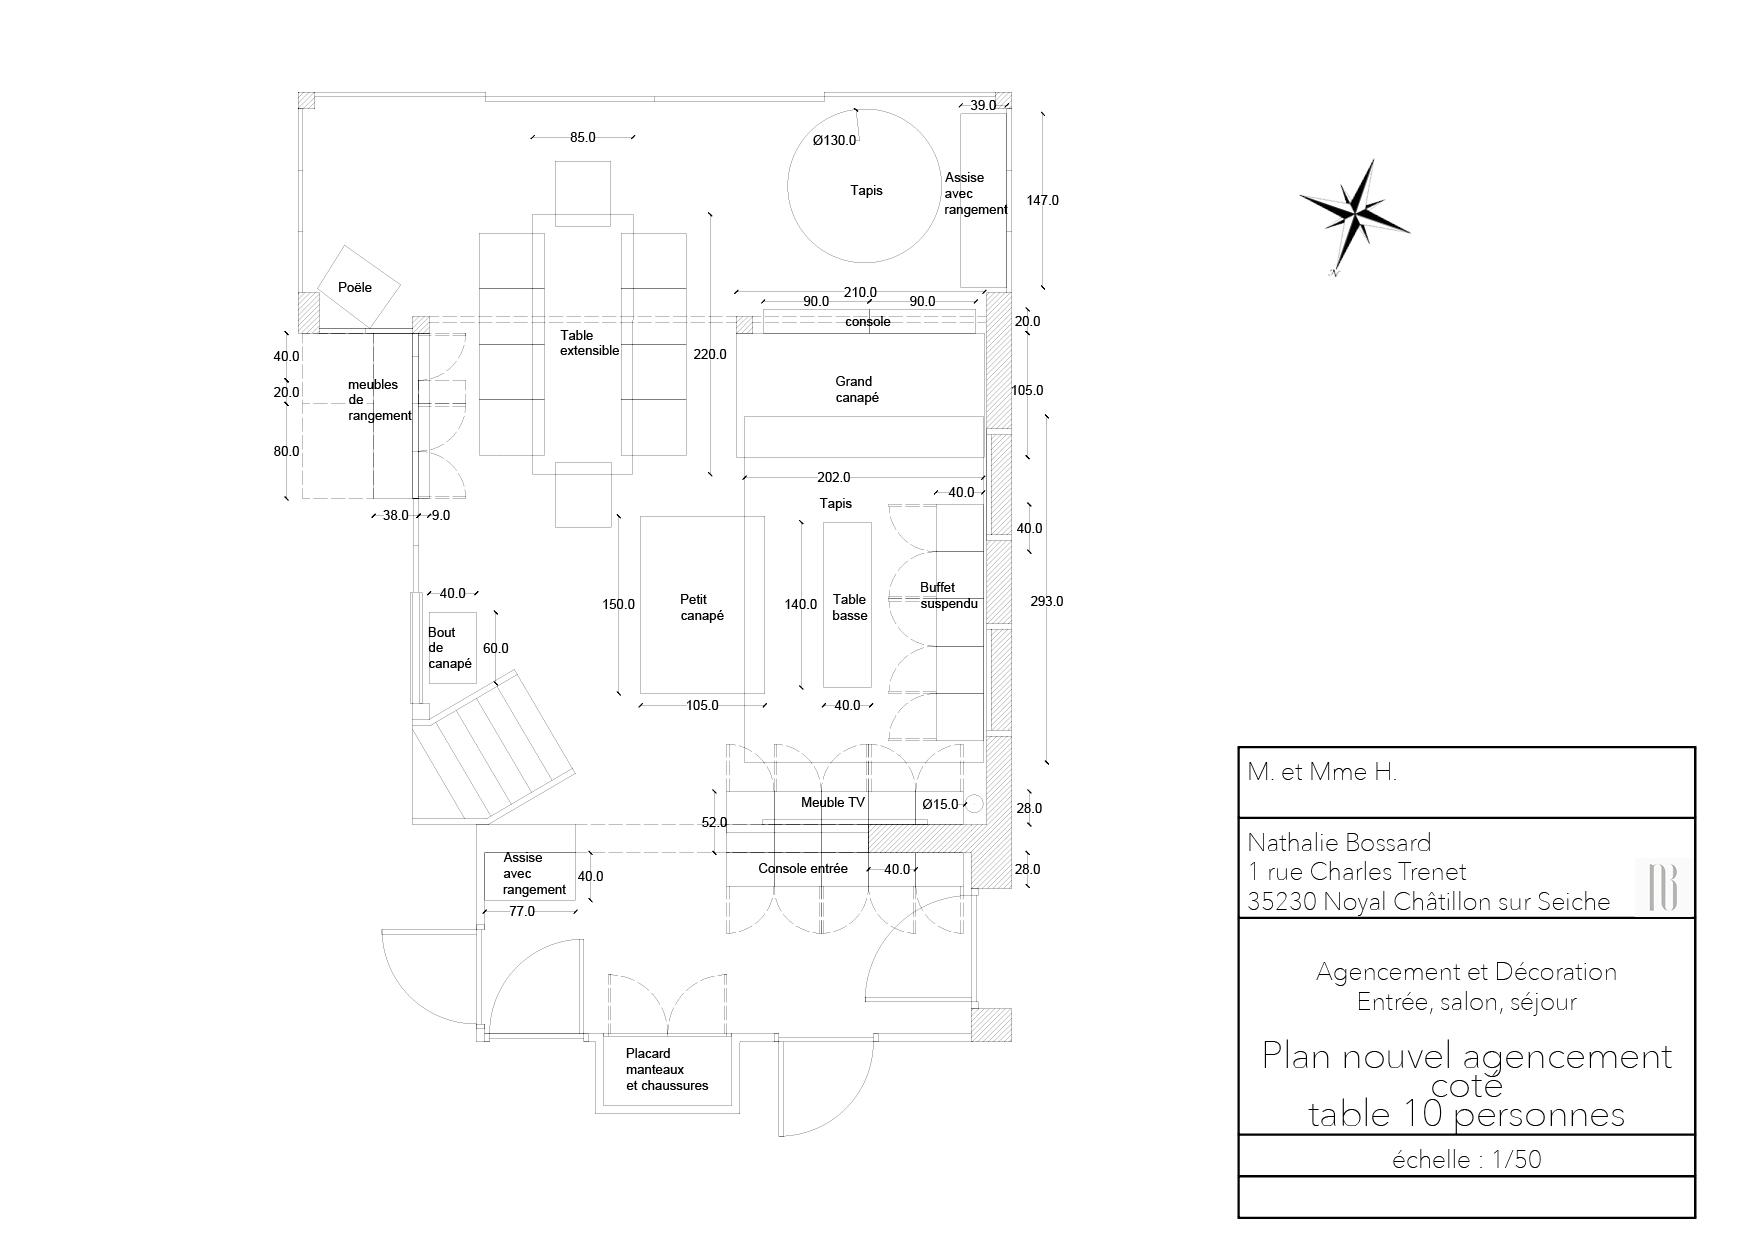 Nathalie Bossard décoration architecture intérieur Rennes 35 UFDI-390 Book déco maison individuelle bretagne sud 2019 plan nouvel agencement coté